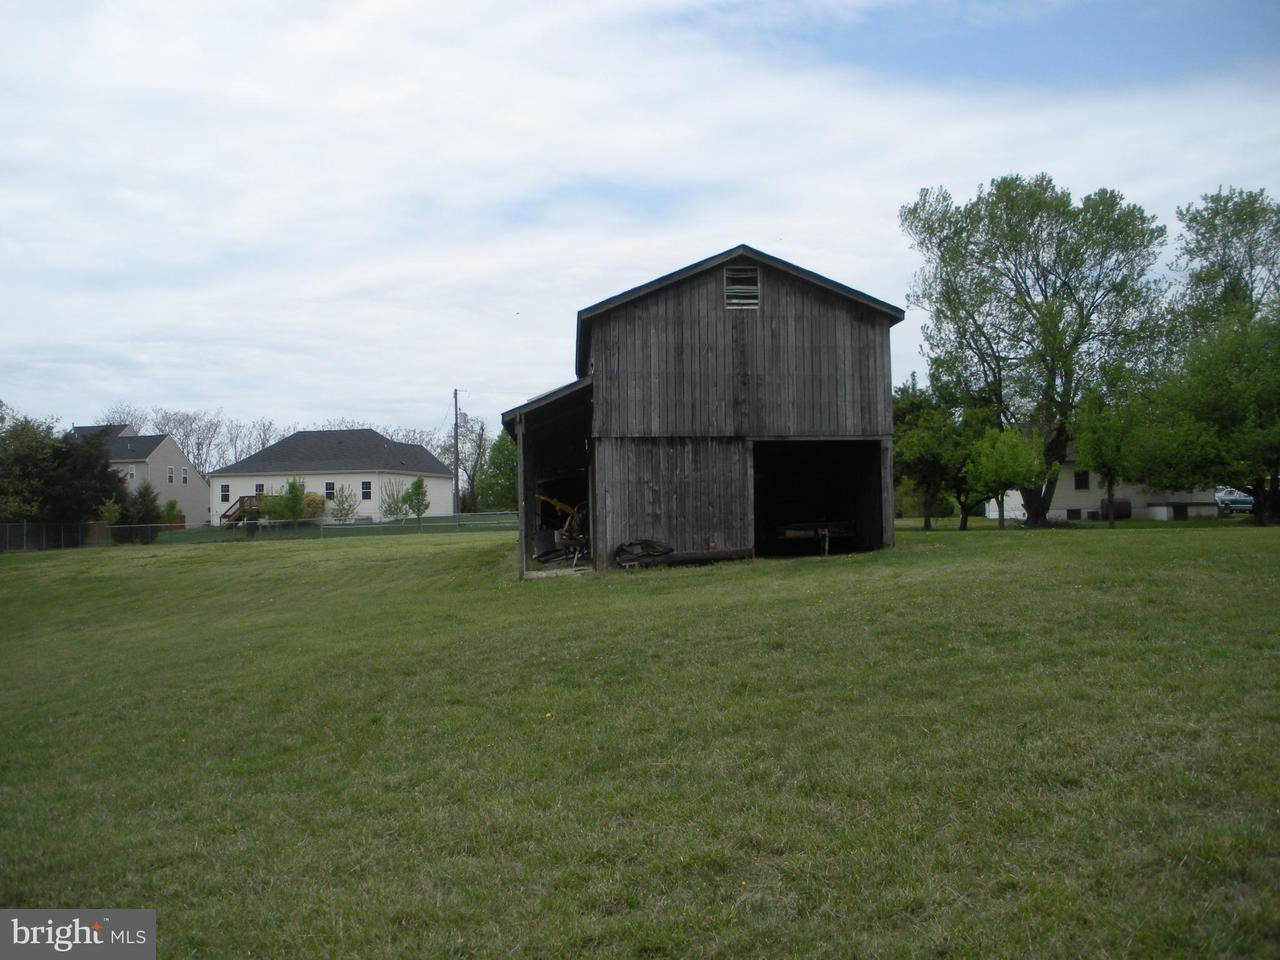 Земля для того Продажа на 30 Curtis Est 30 Curtis Est Fredericksburg, Виргиния 22401 Соединенные Штаты